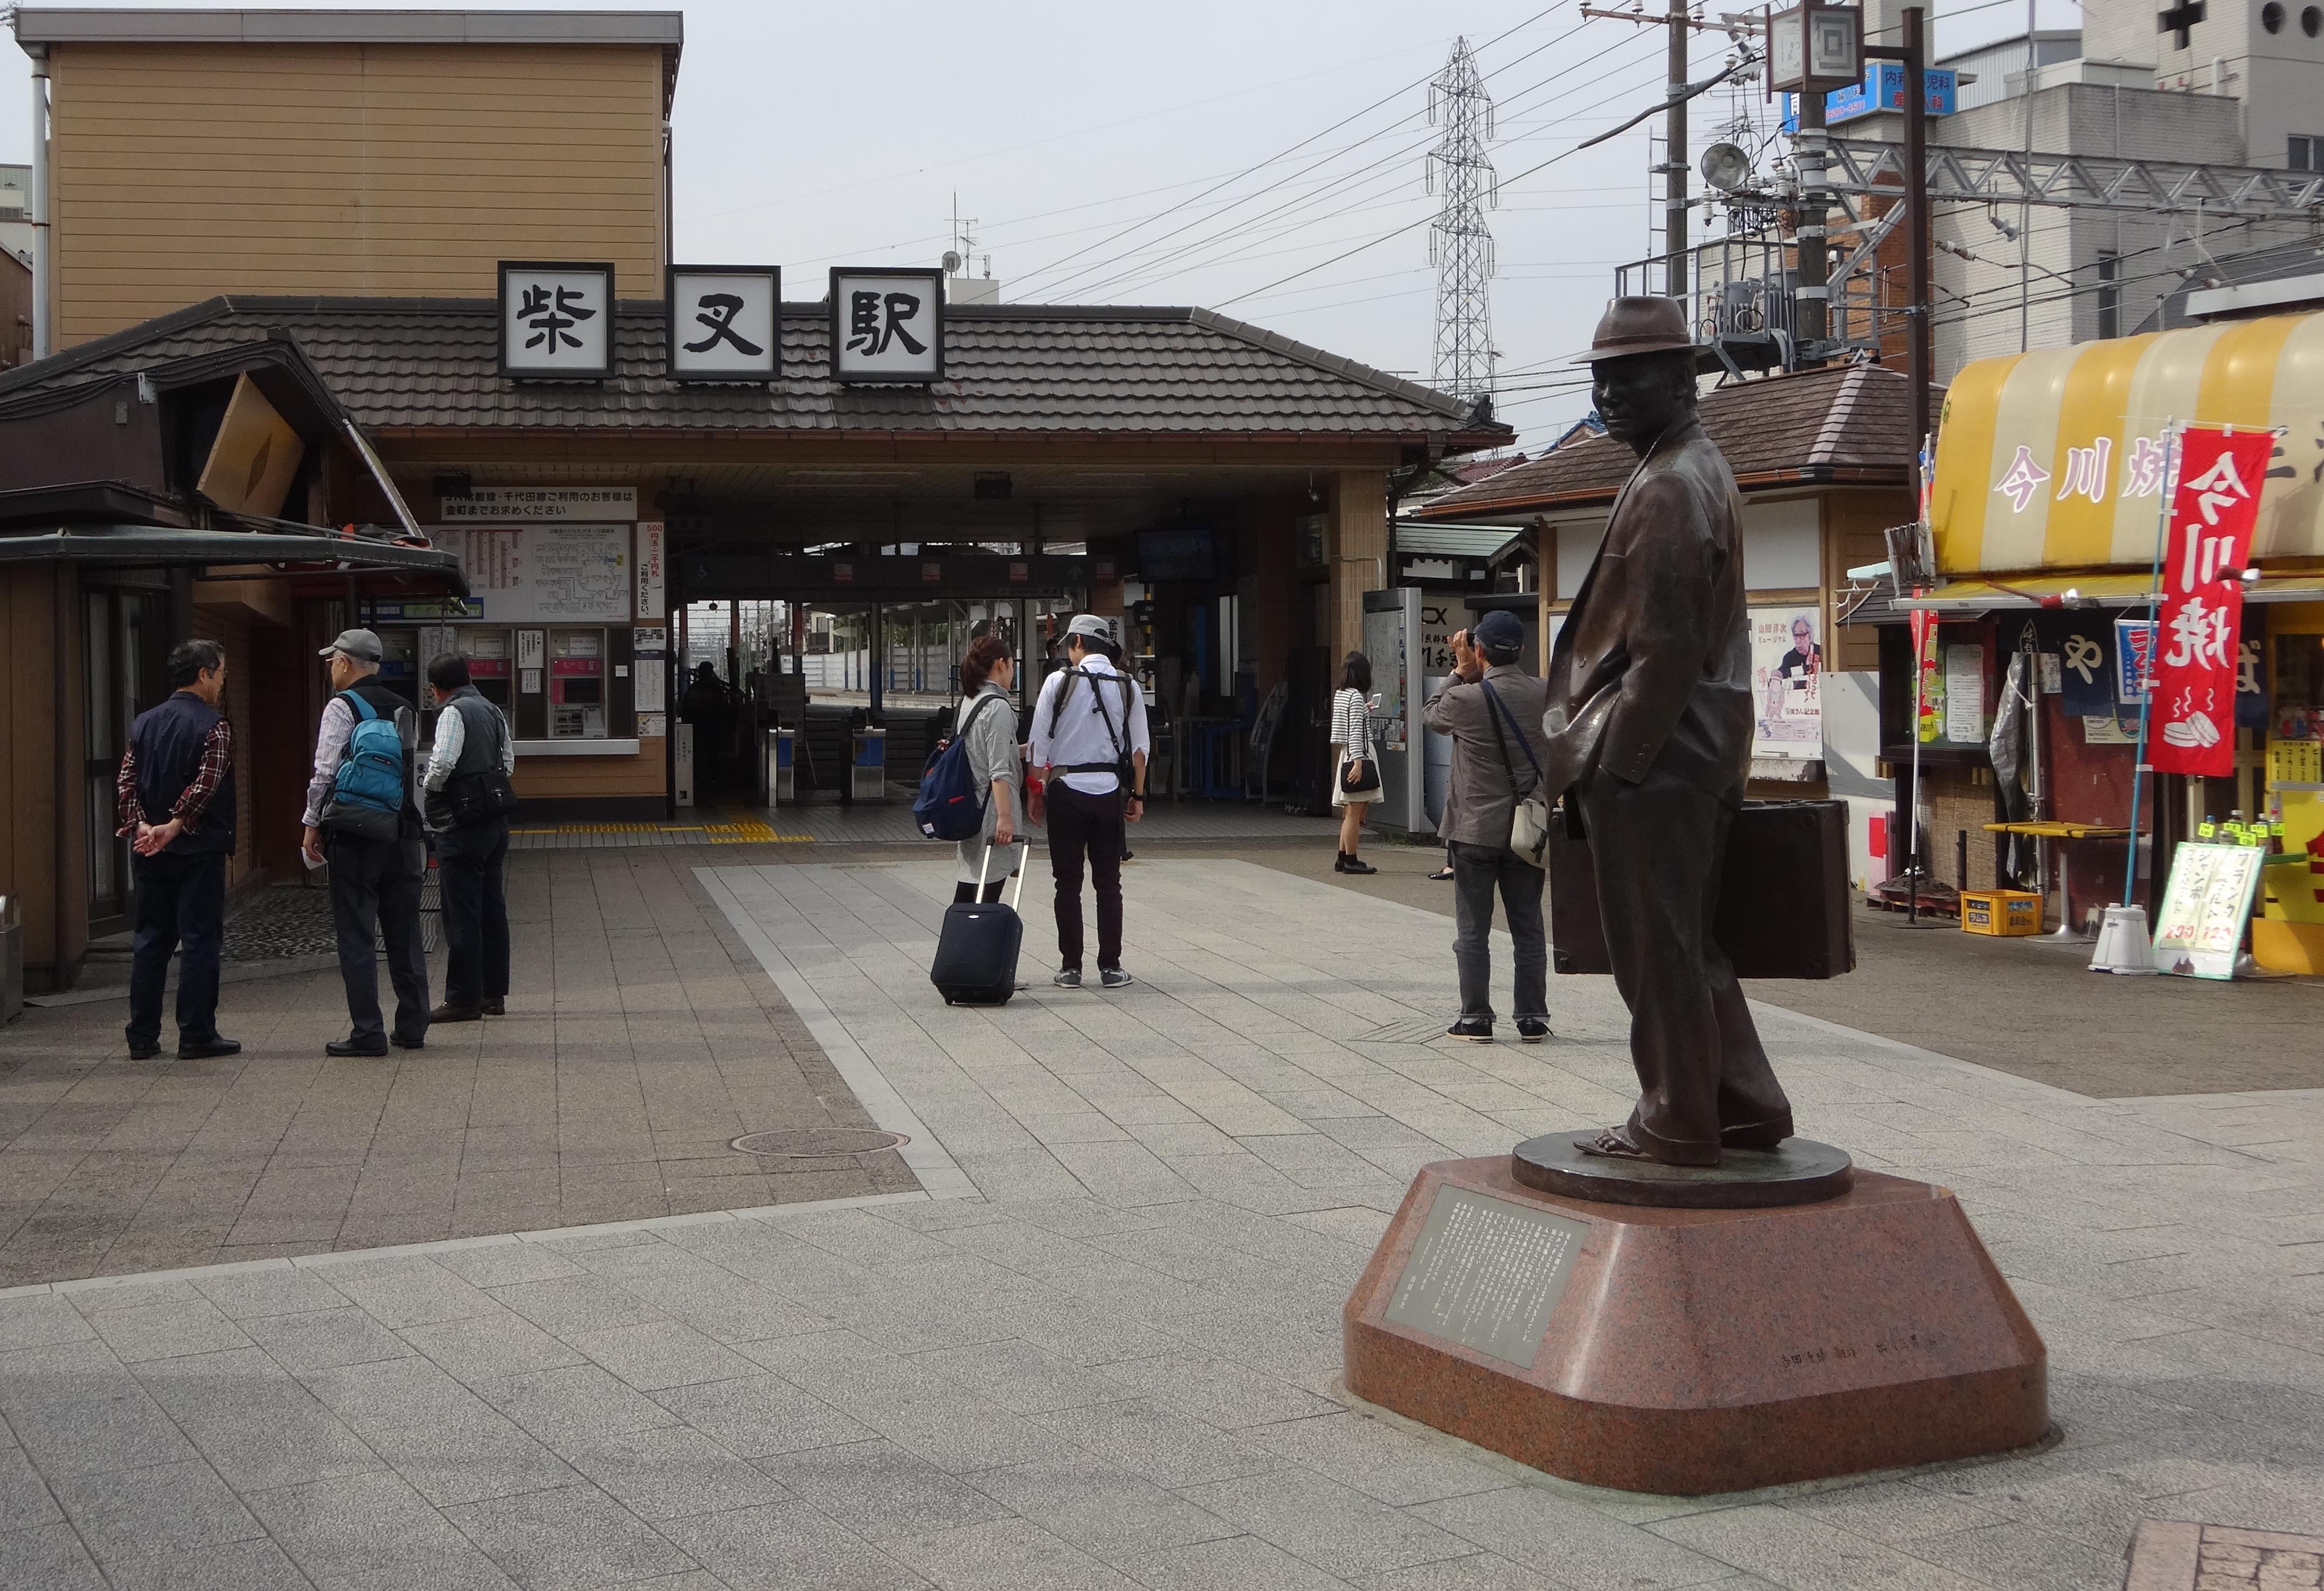 東京の一人遊びができるスポット!男が楽しめる観光やグルメをご紹介!